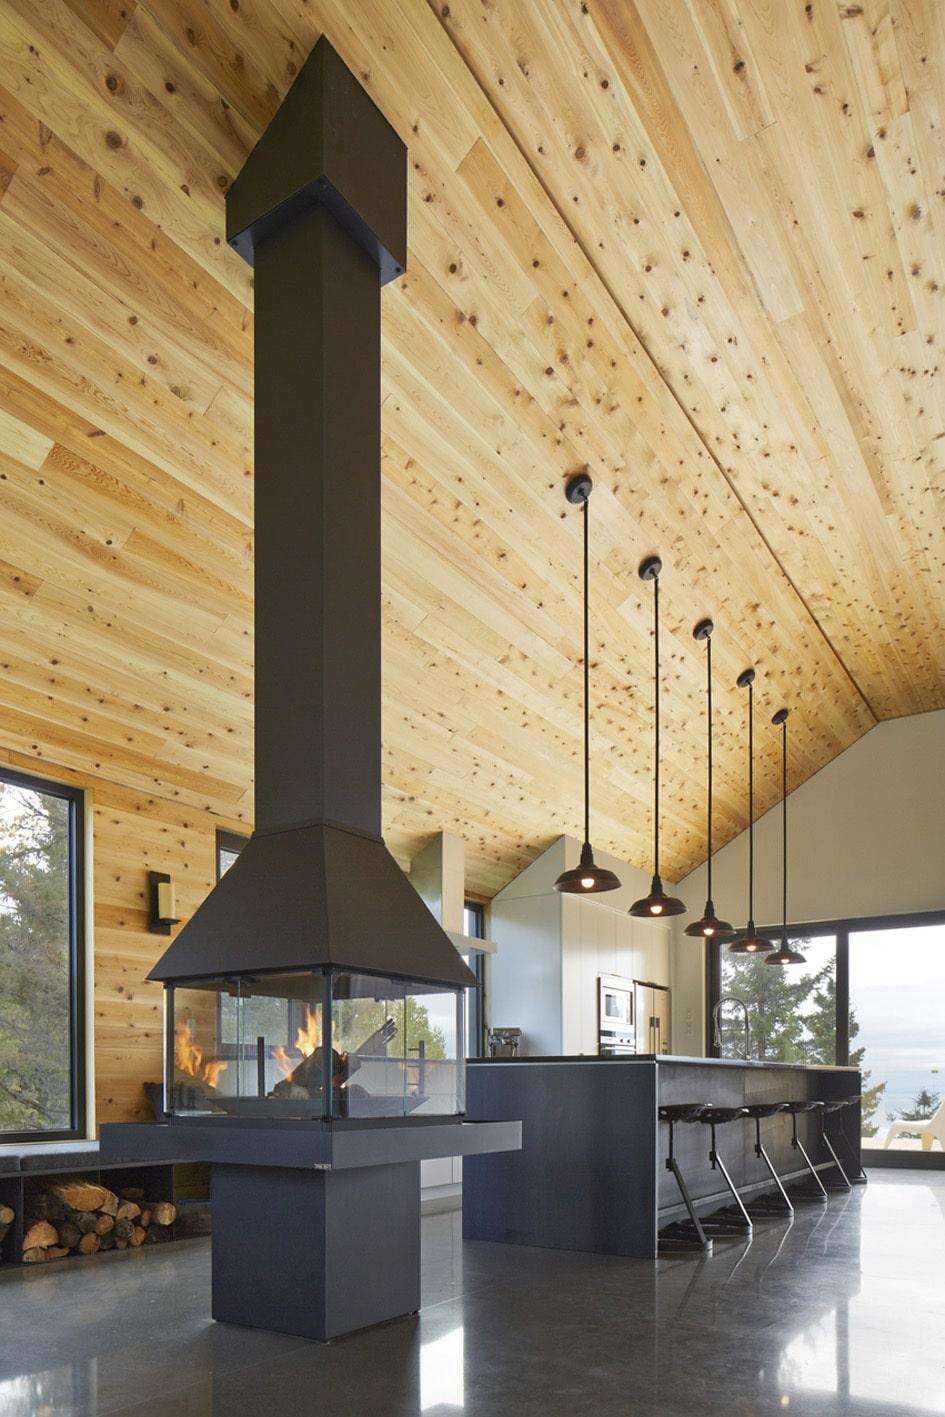 Dise o de casa moderna de dos pisos m s s tano planos - Cocinar en la chimenea ...